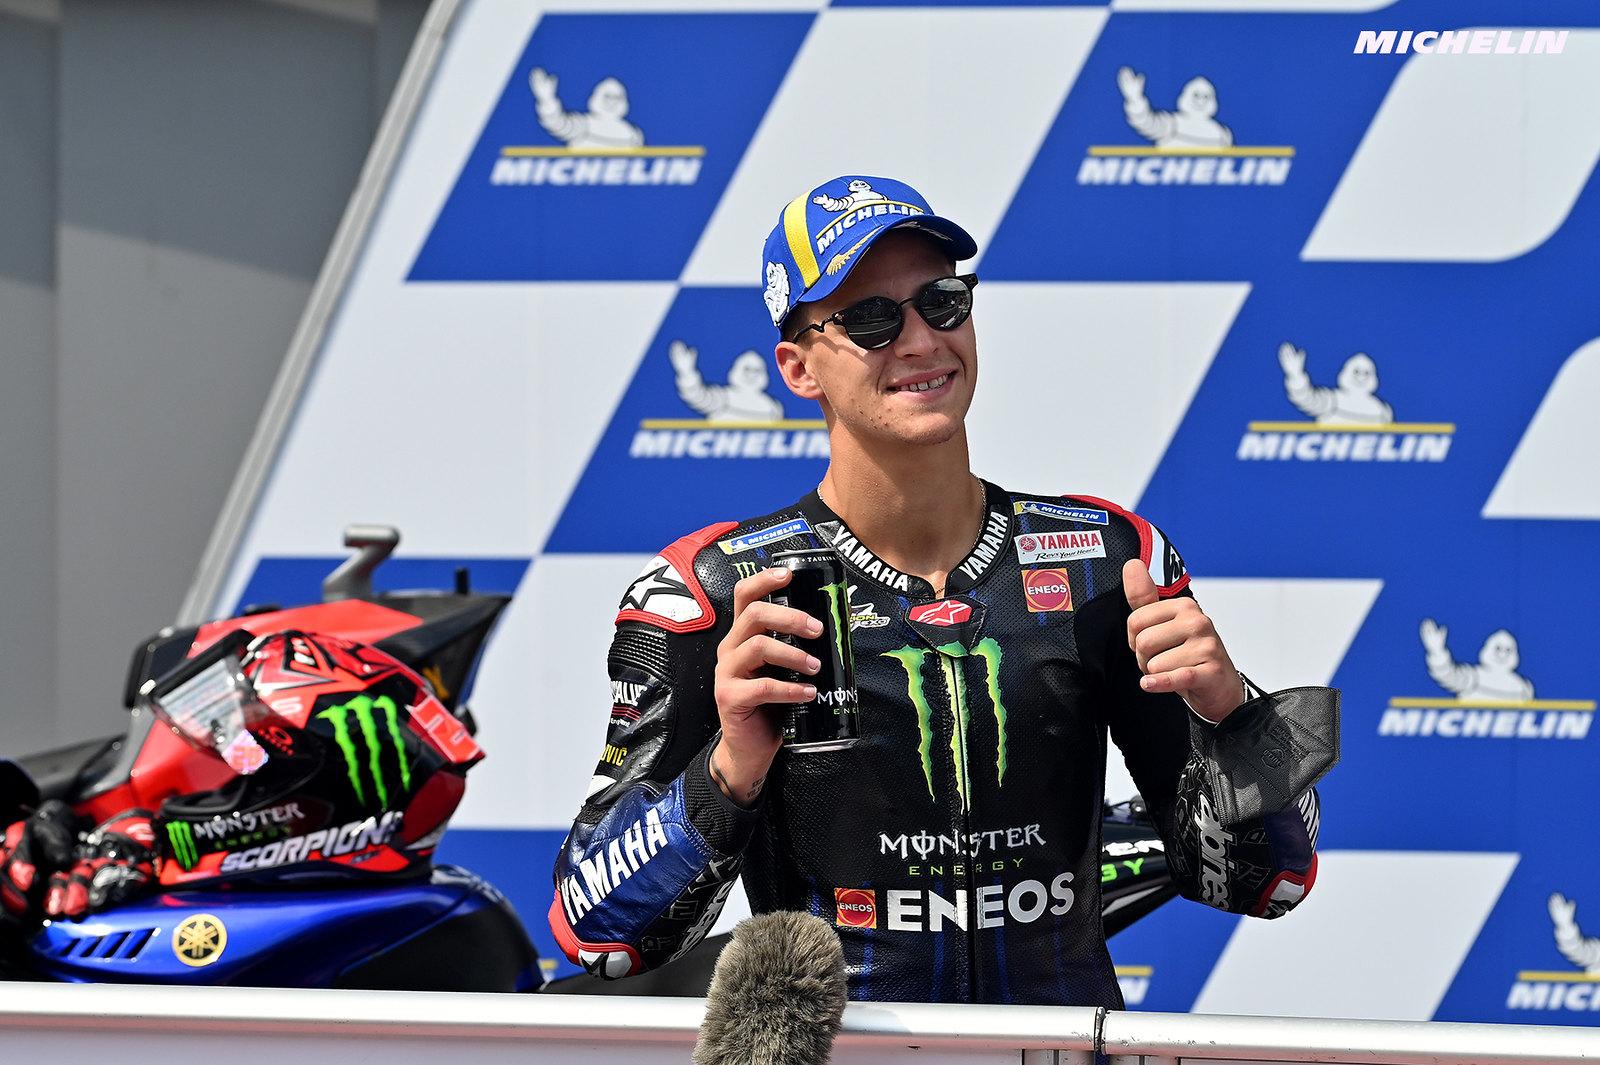 MotoGP2021スティリアGP 予選3位ファビオ・クアルタラロ「明日はドライコンディションのレースを願っている」